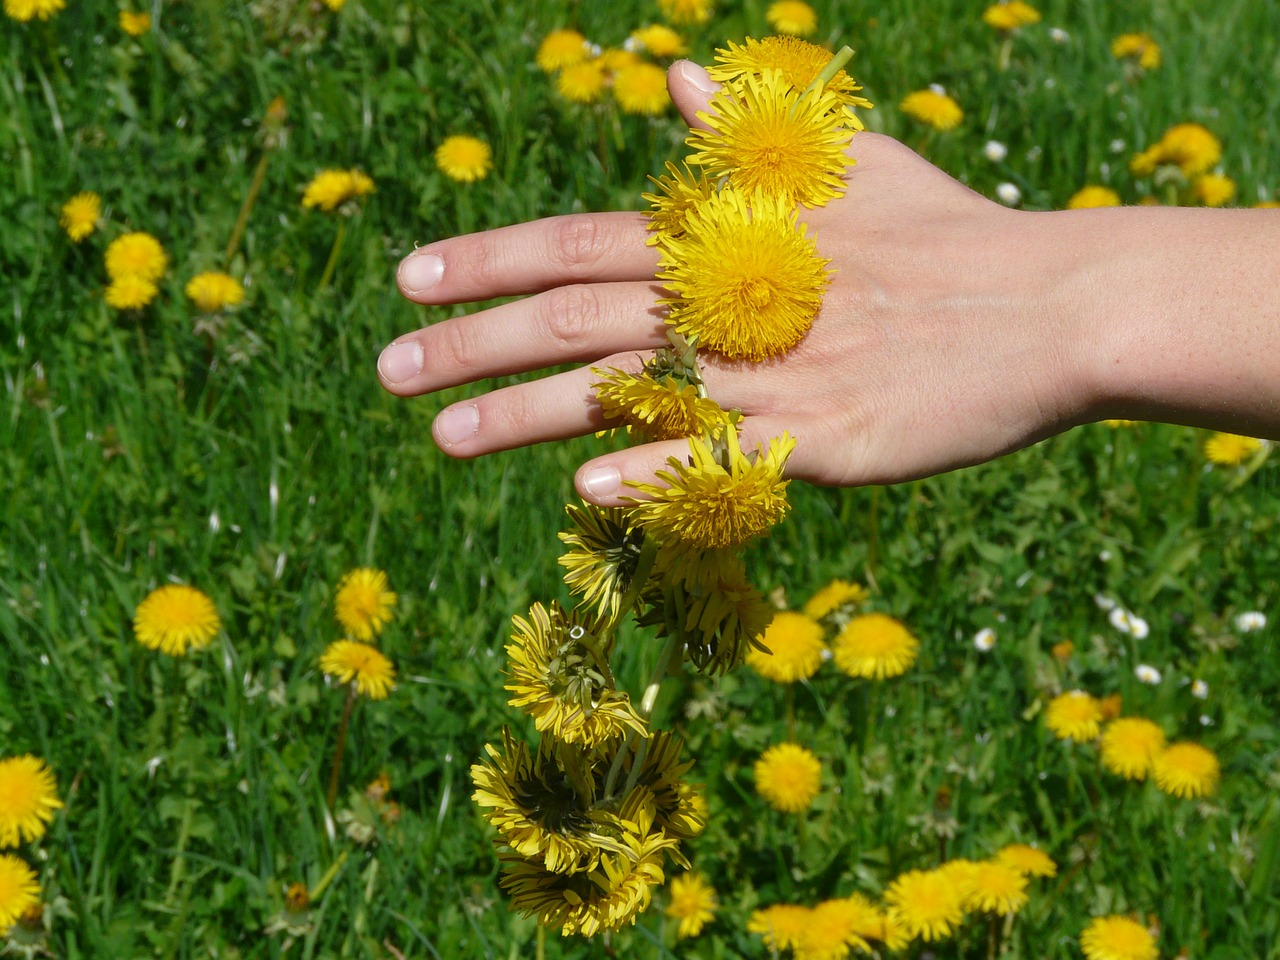 Blumen Löwenzahn Wahrnehmung Spüren Feelings